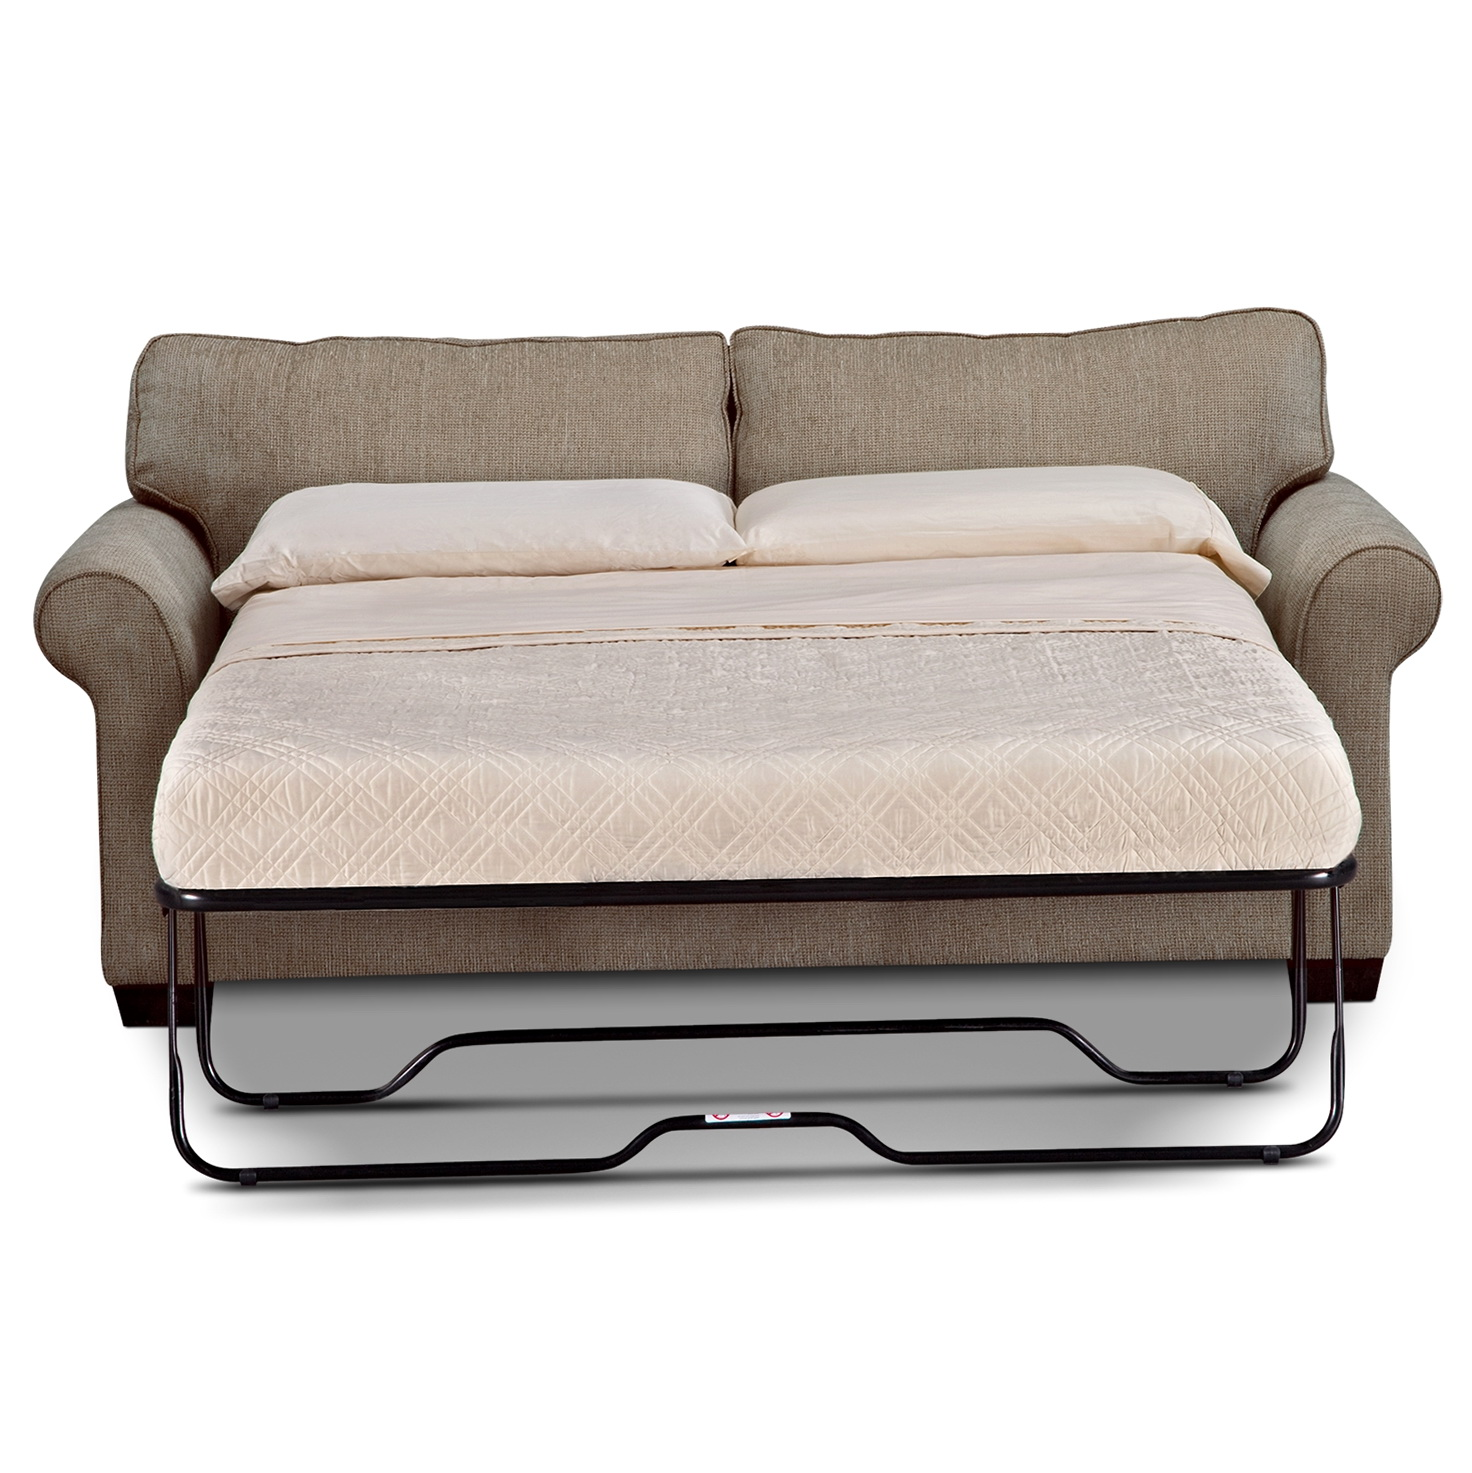 Full Sleeper Sofa Mattress